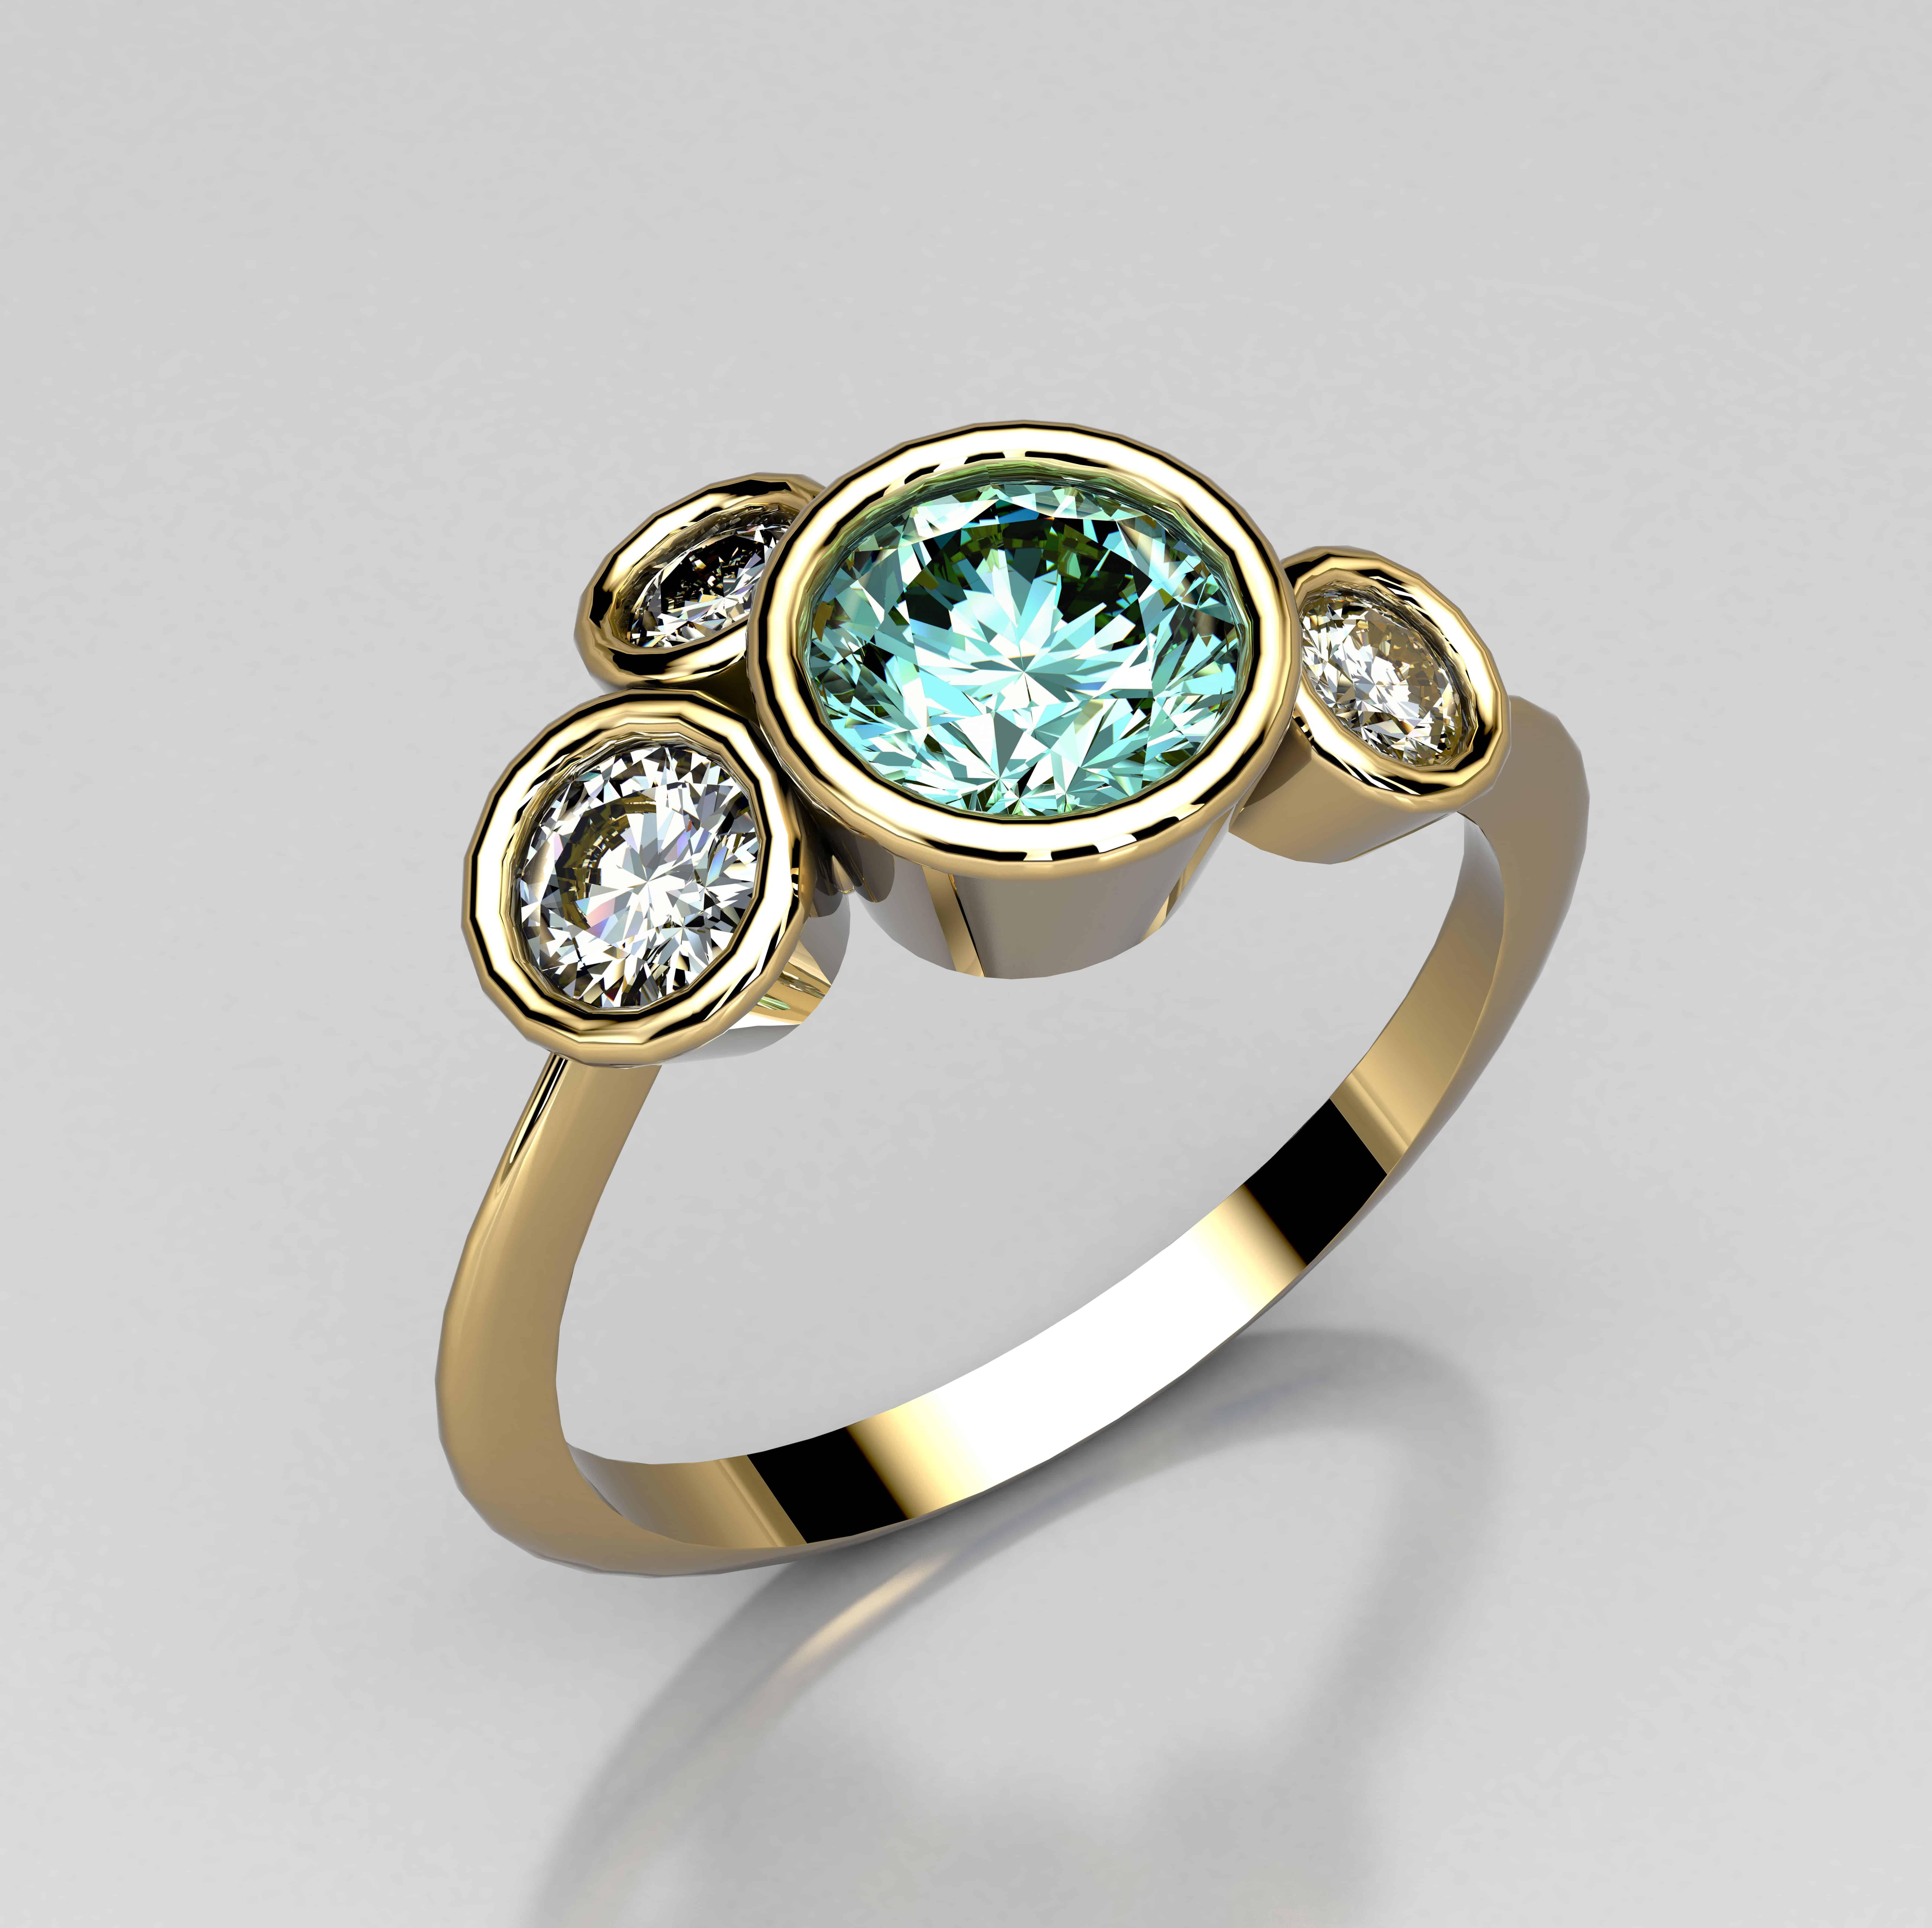 c182eab42 John Mckellar Designer Jewellery » Eat. Sleep, Live Herefordshire